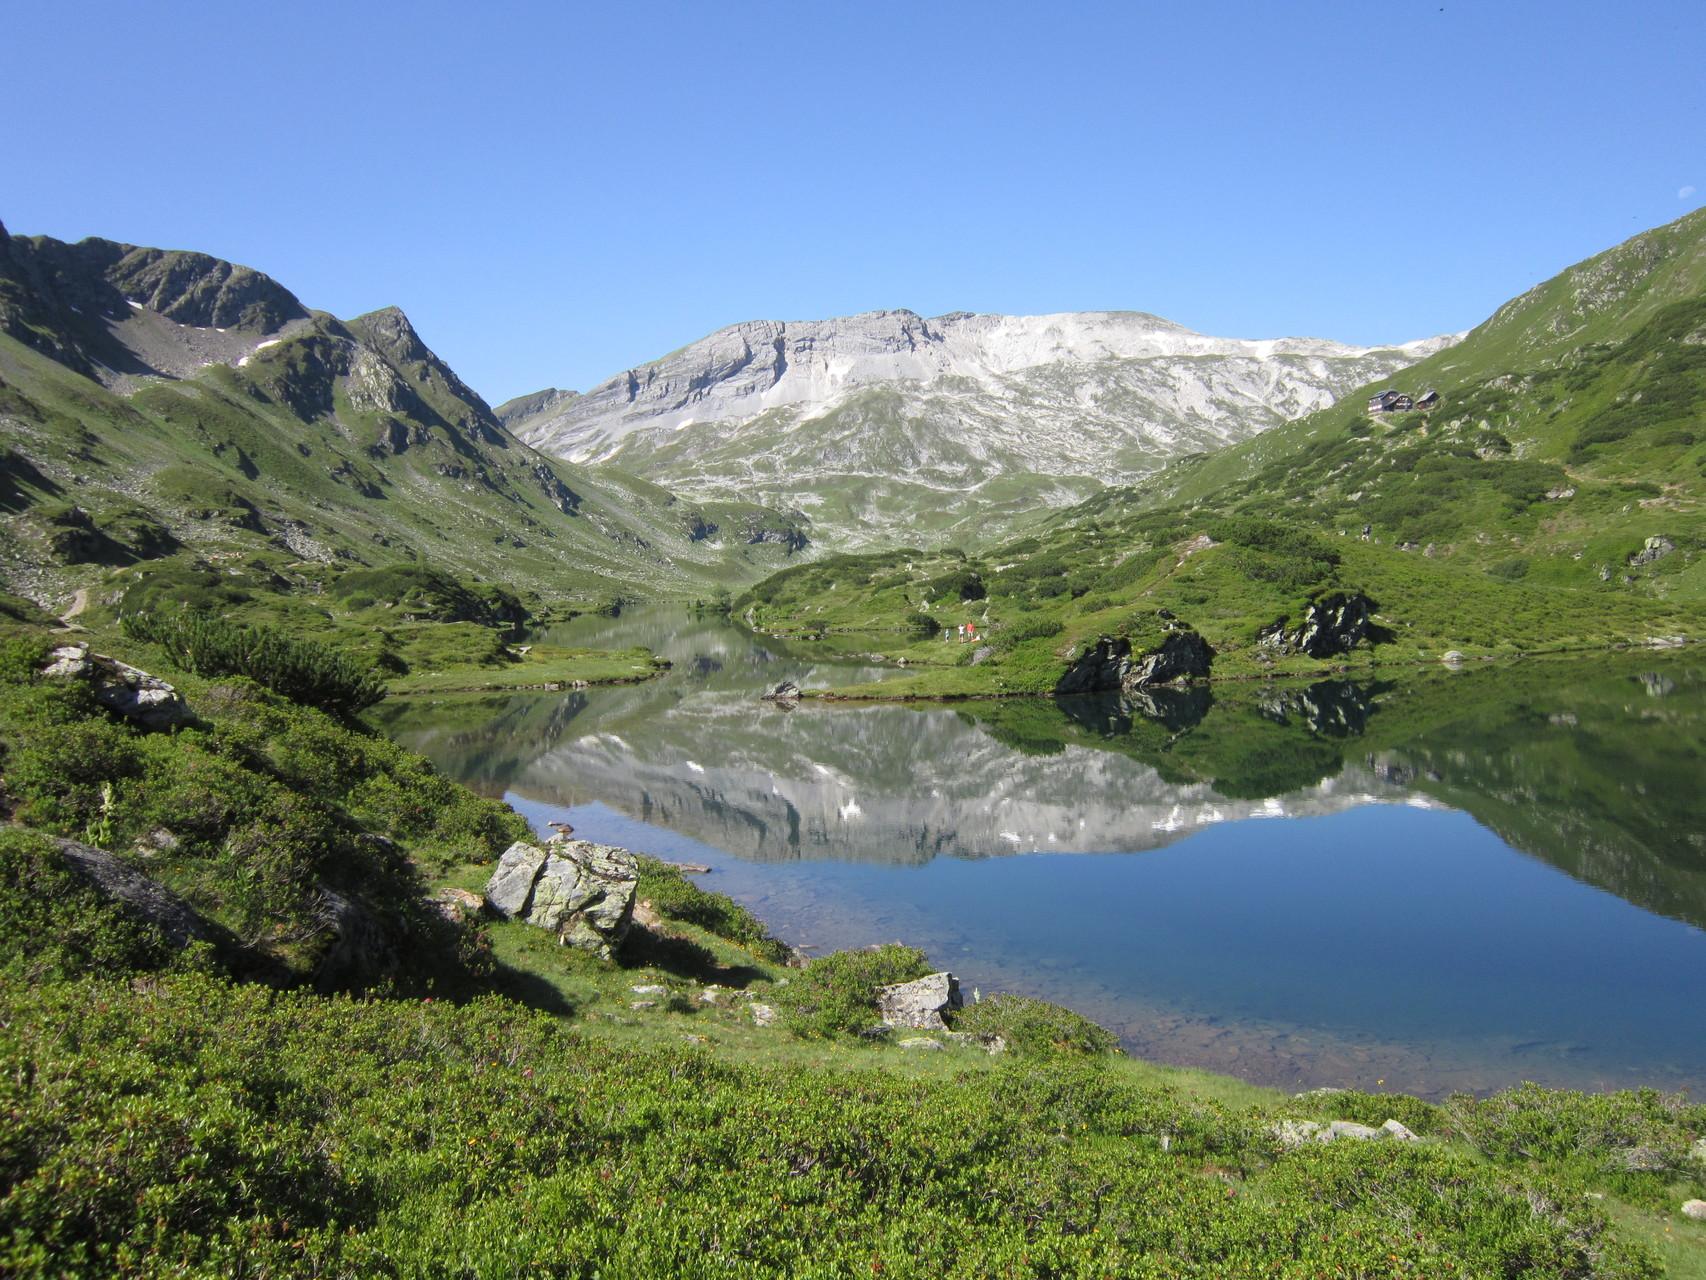 Himmlische Bergseen